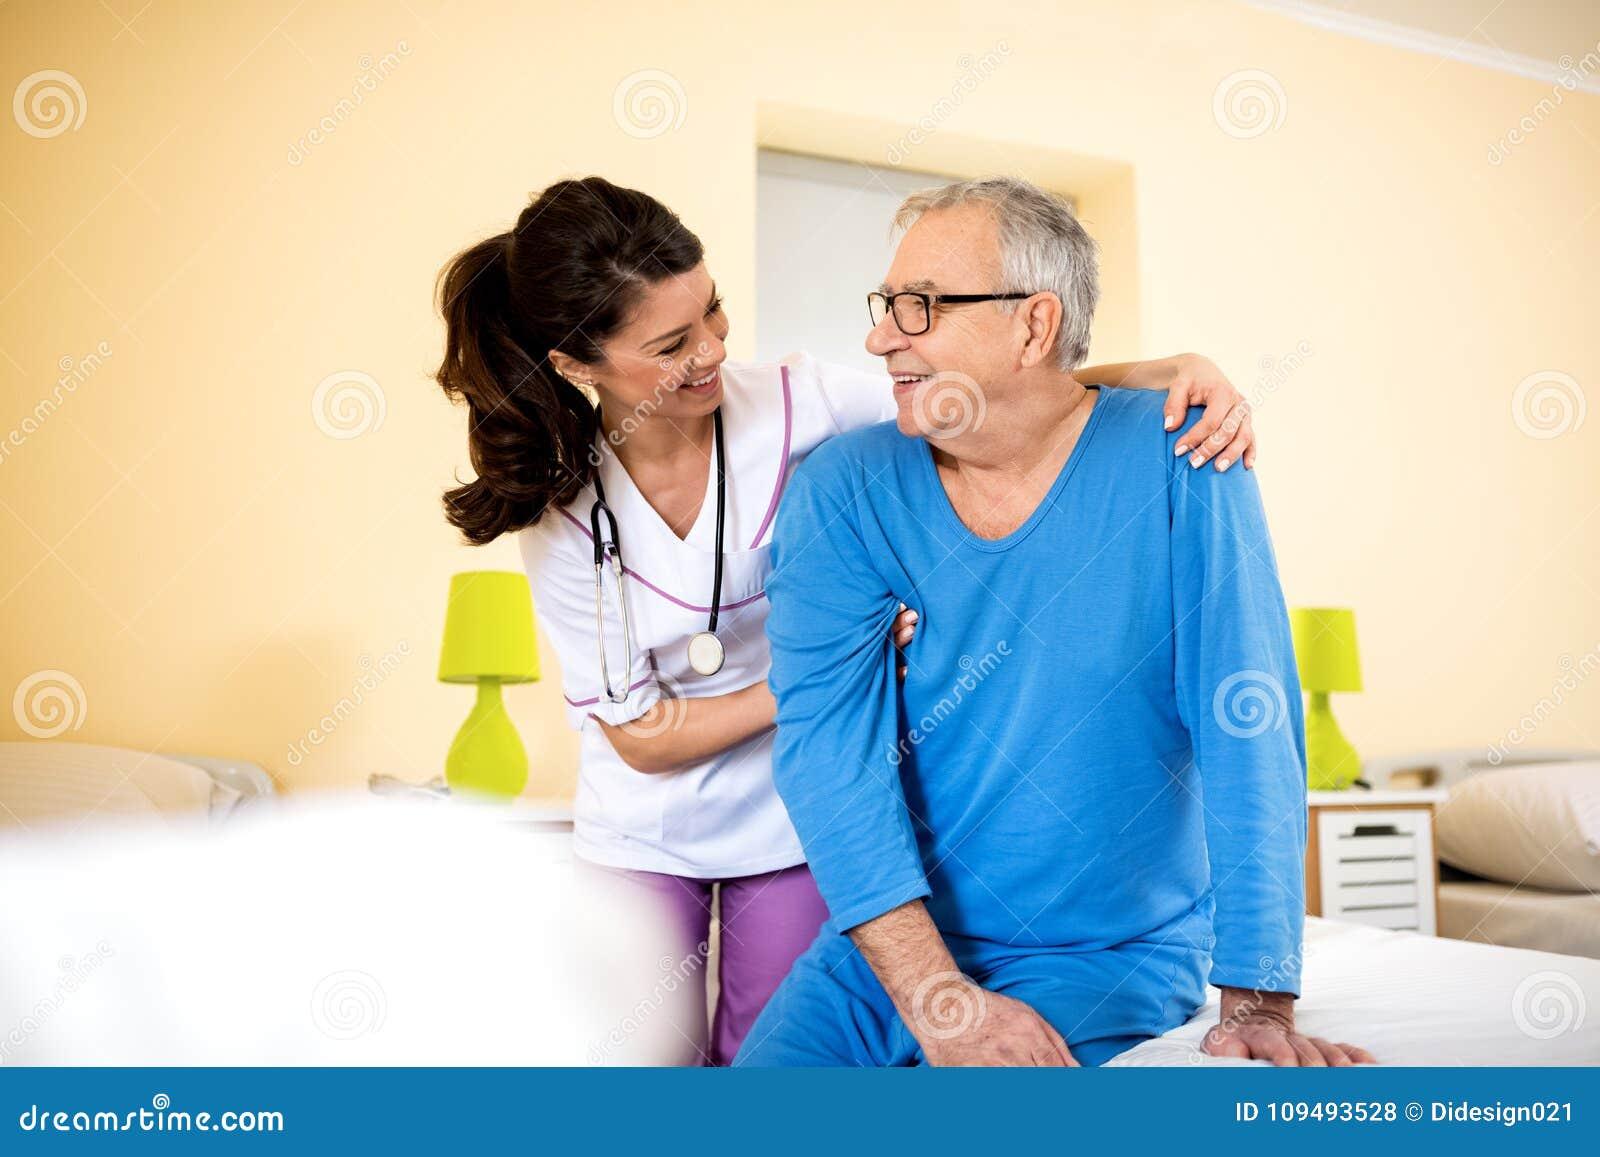 65e4a105f3 Smiling happy senior man nursing home smiling happy senior men young nurse  nursing home nurse giving